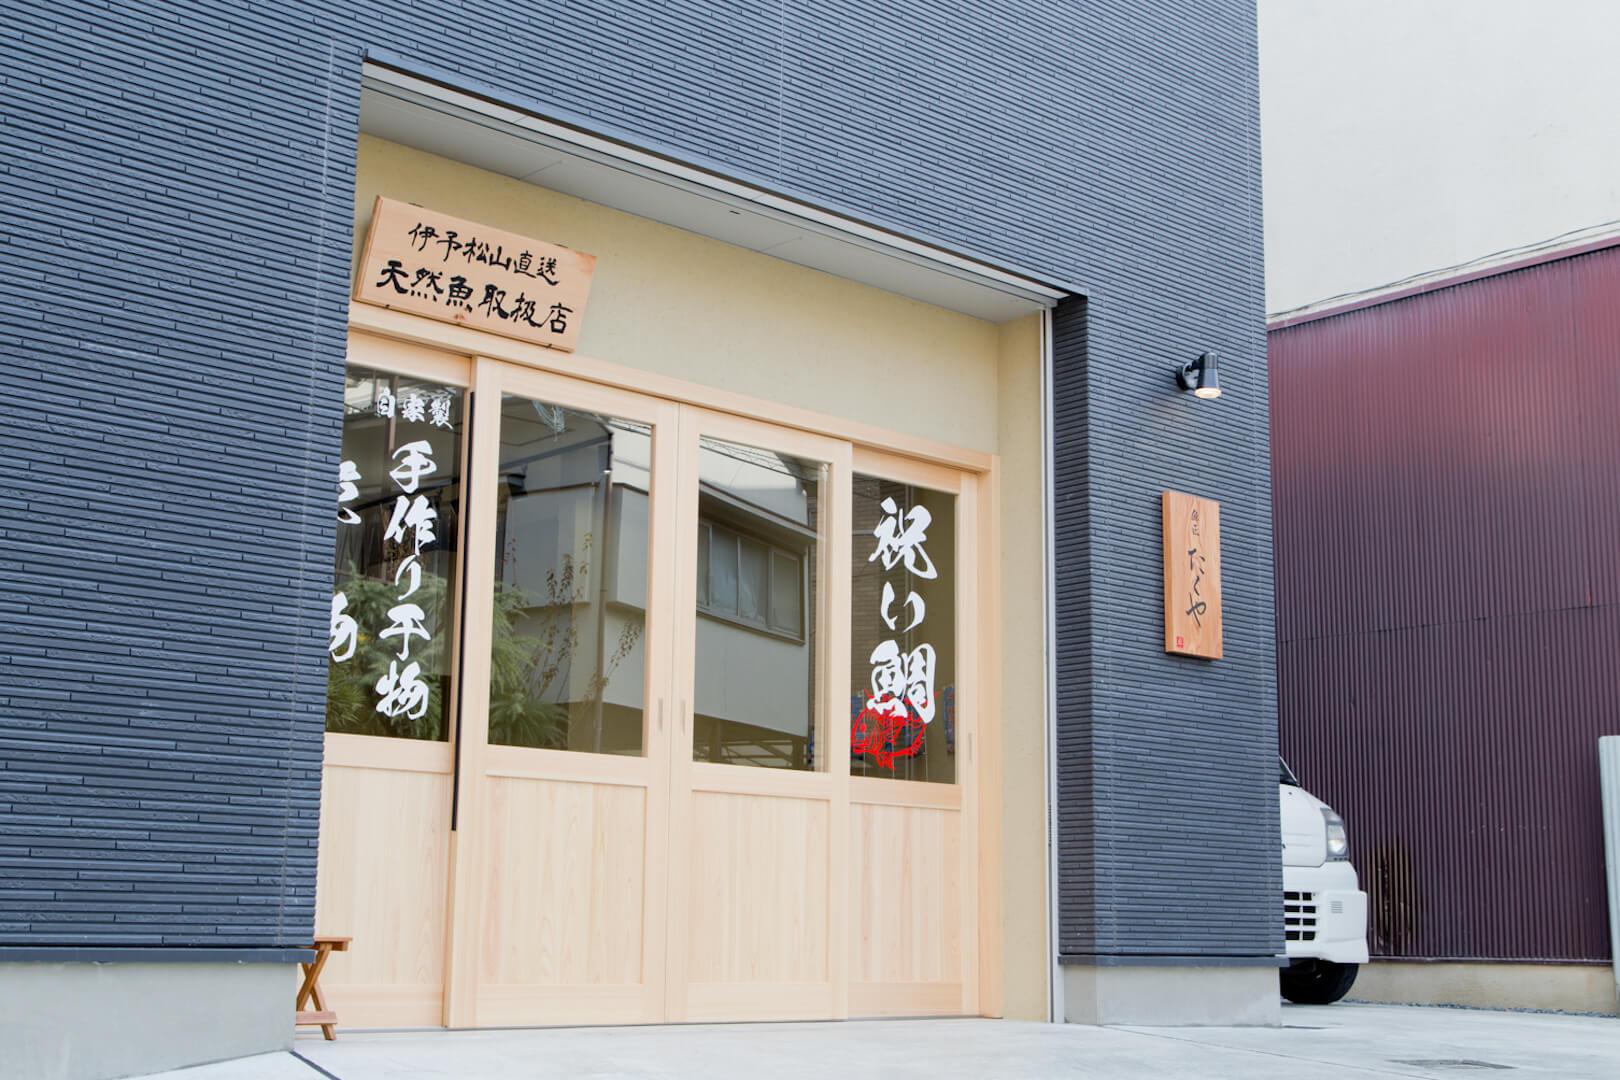 上野工務店 茨木市 建替 新築 大阪 外観4